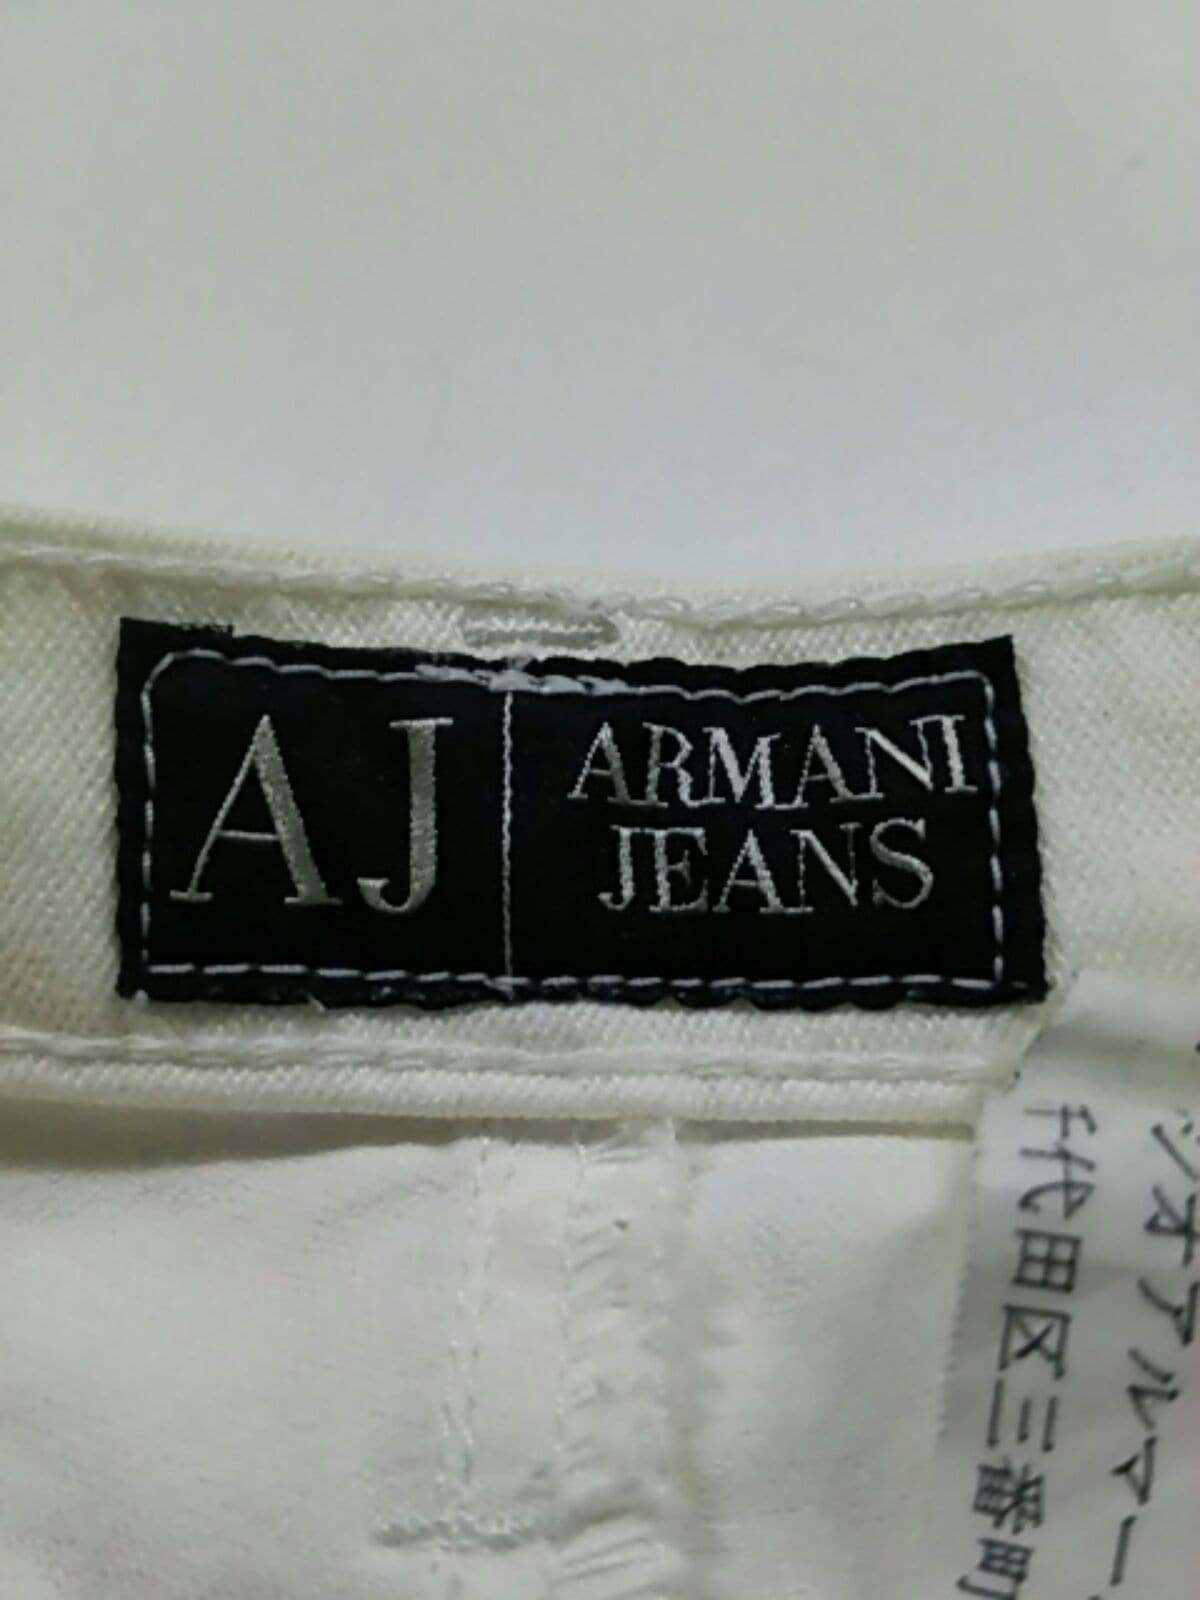 ARMANIJEANS(アルマーニジーンズ)のパンツ